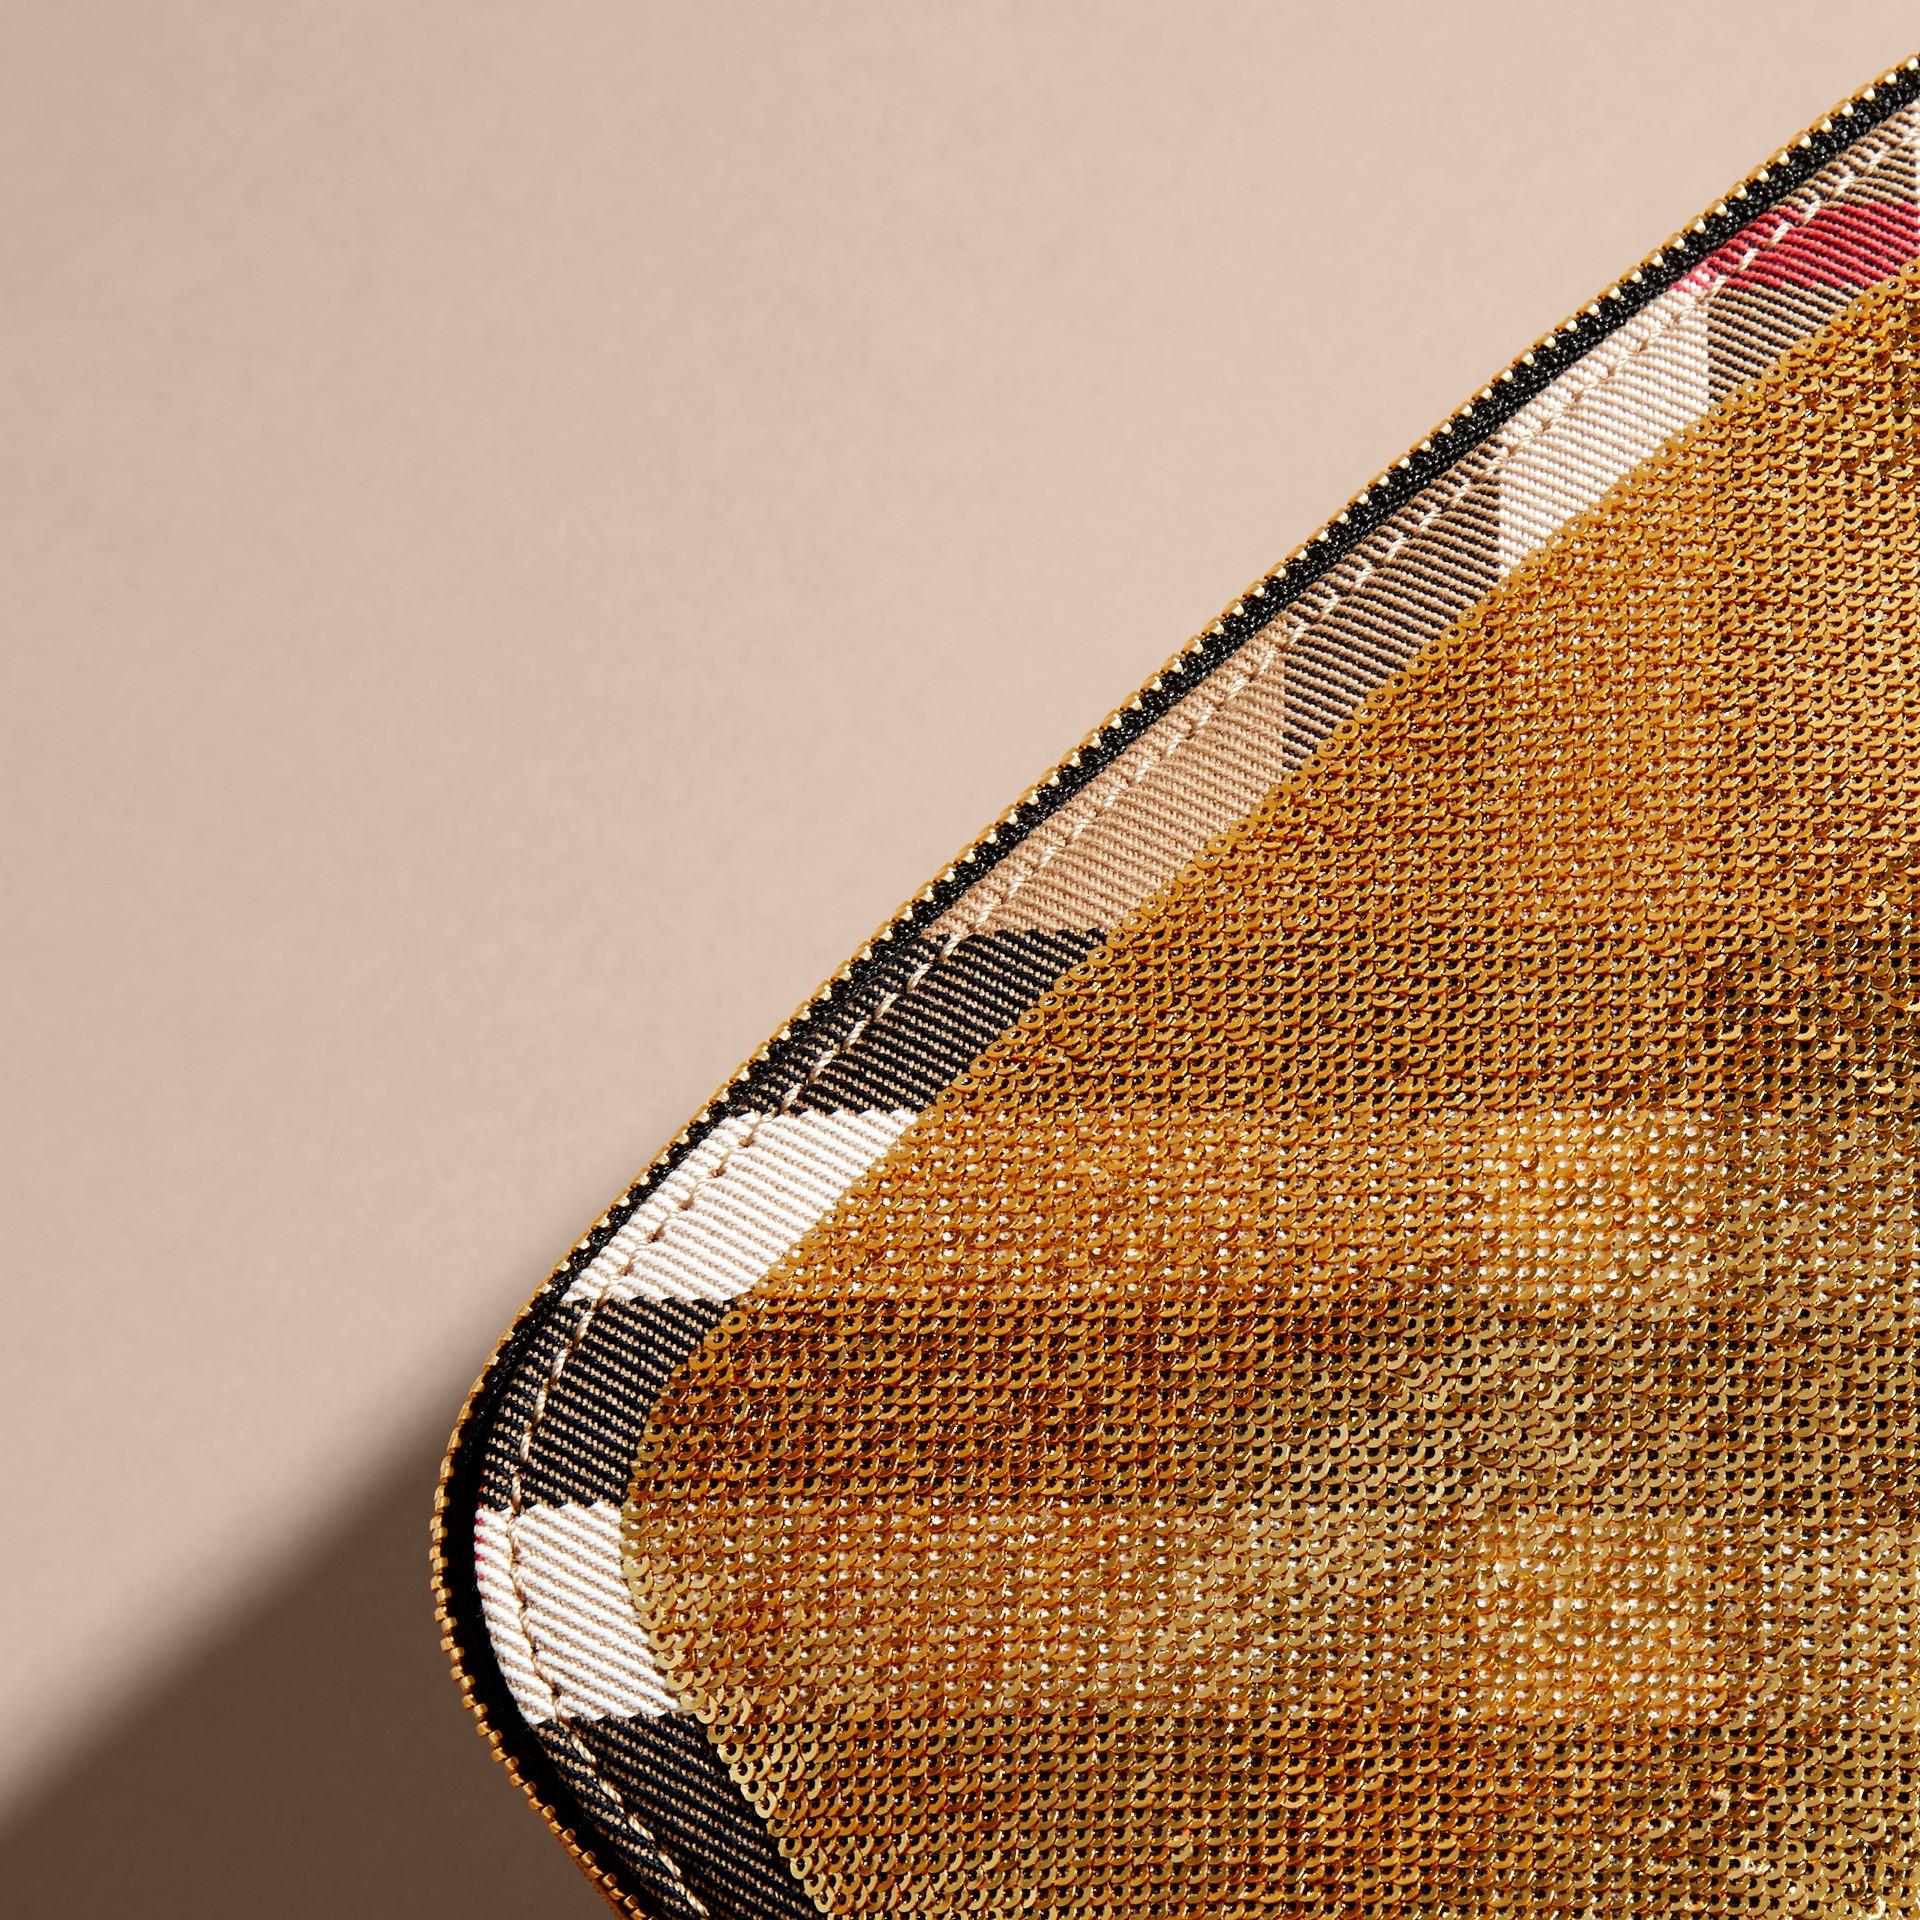 Oro/nero Trousse grande con motivo House check, paillettes e cerniera Oro/nero - immagine della galleria 2